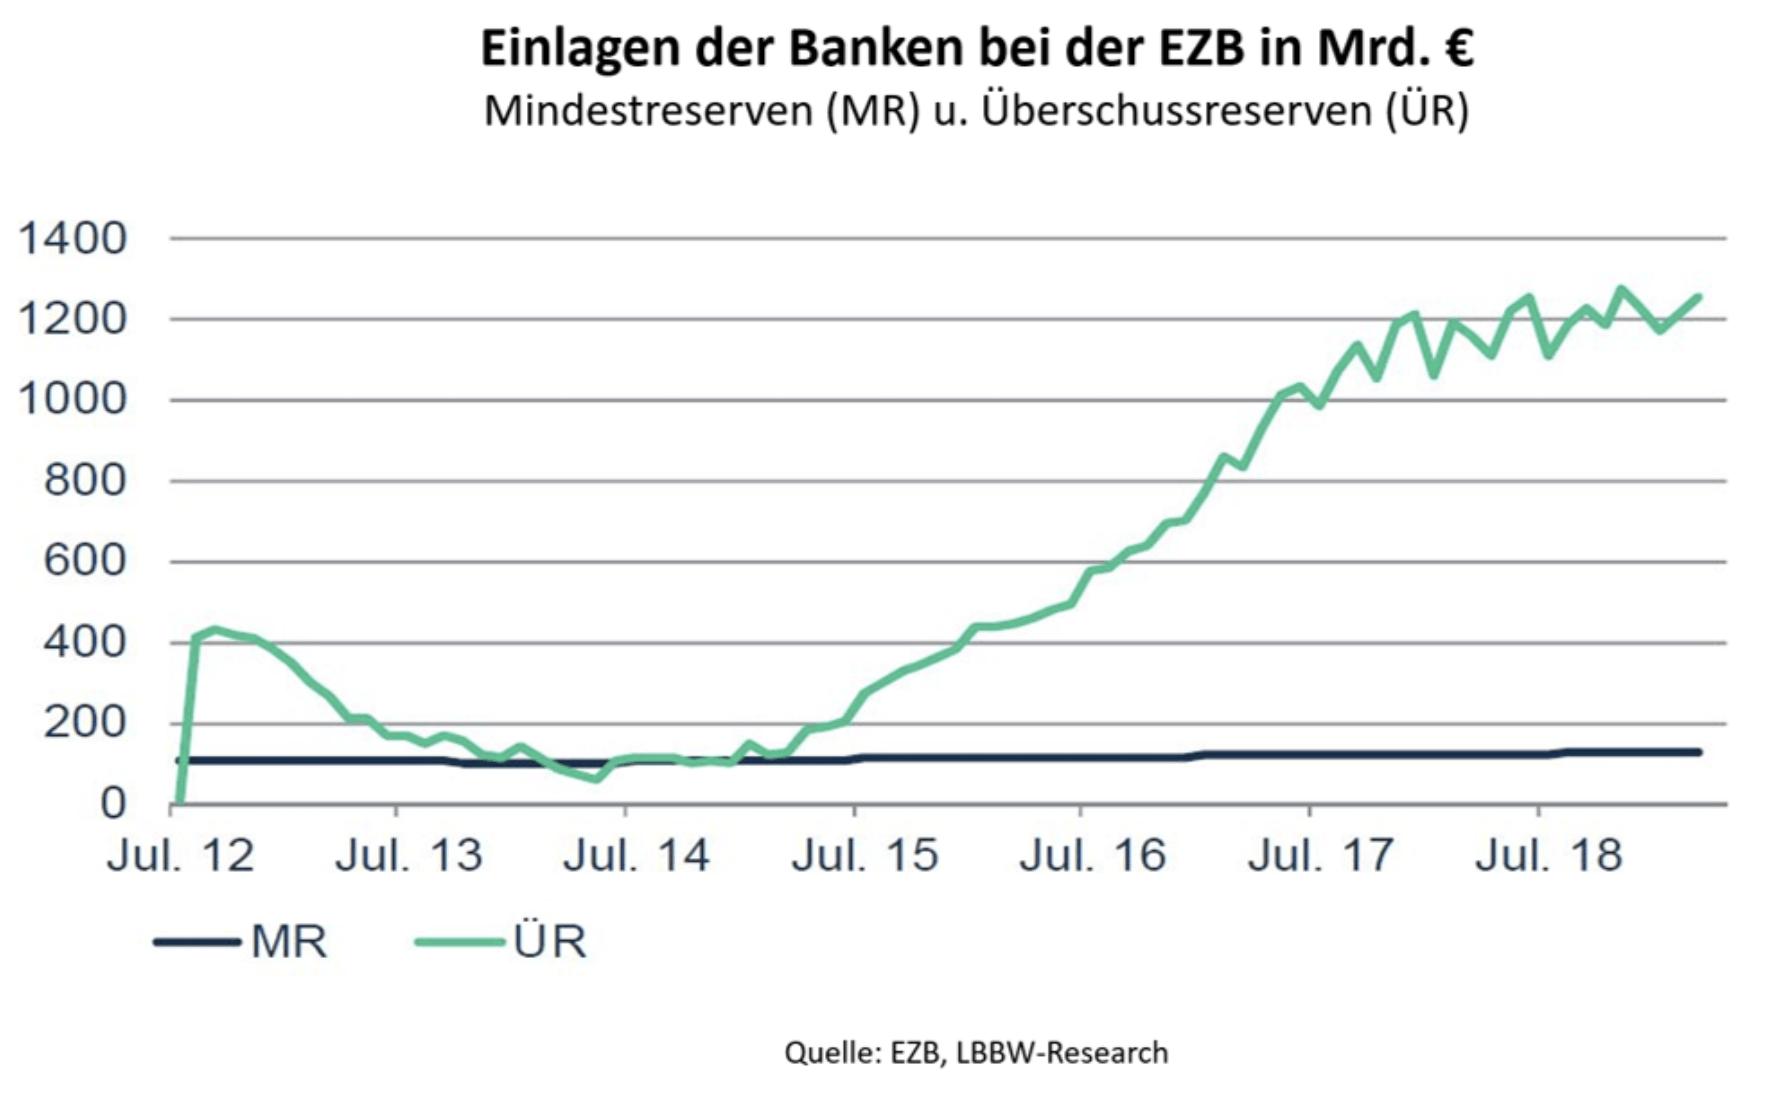 Einlagen der Banken bei der EZB